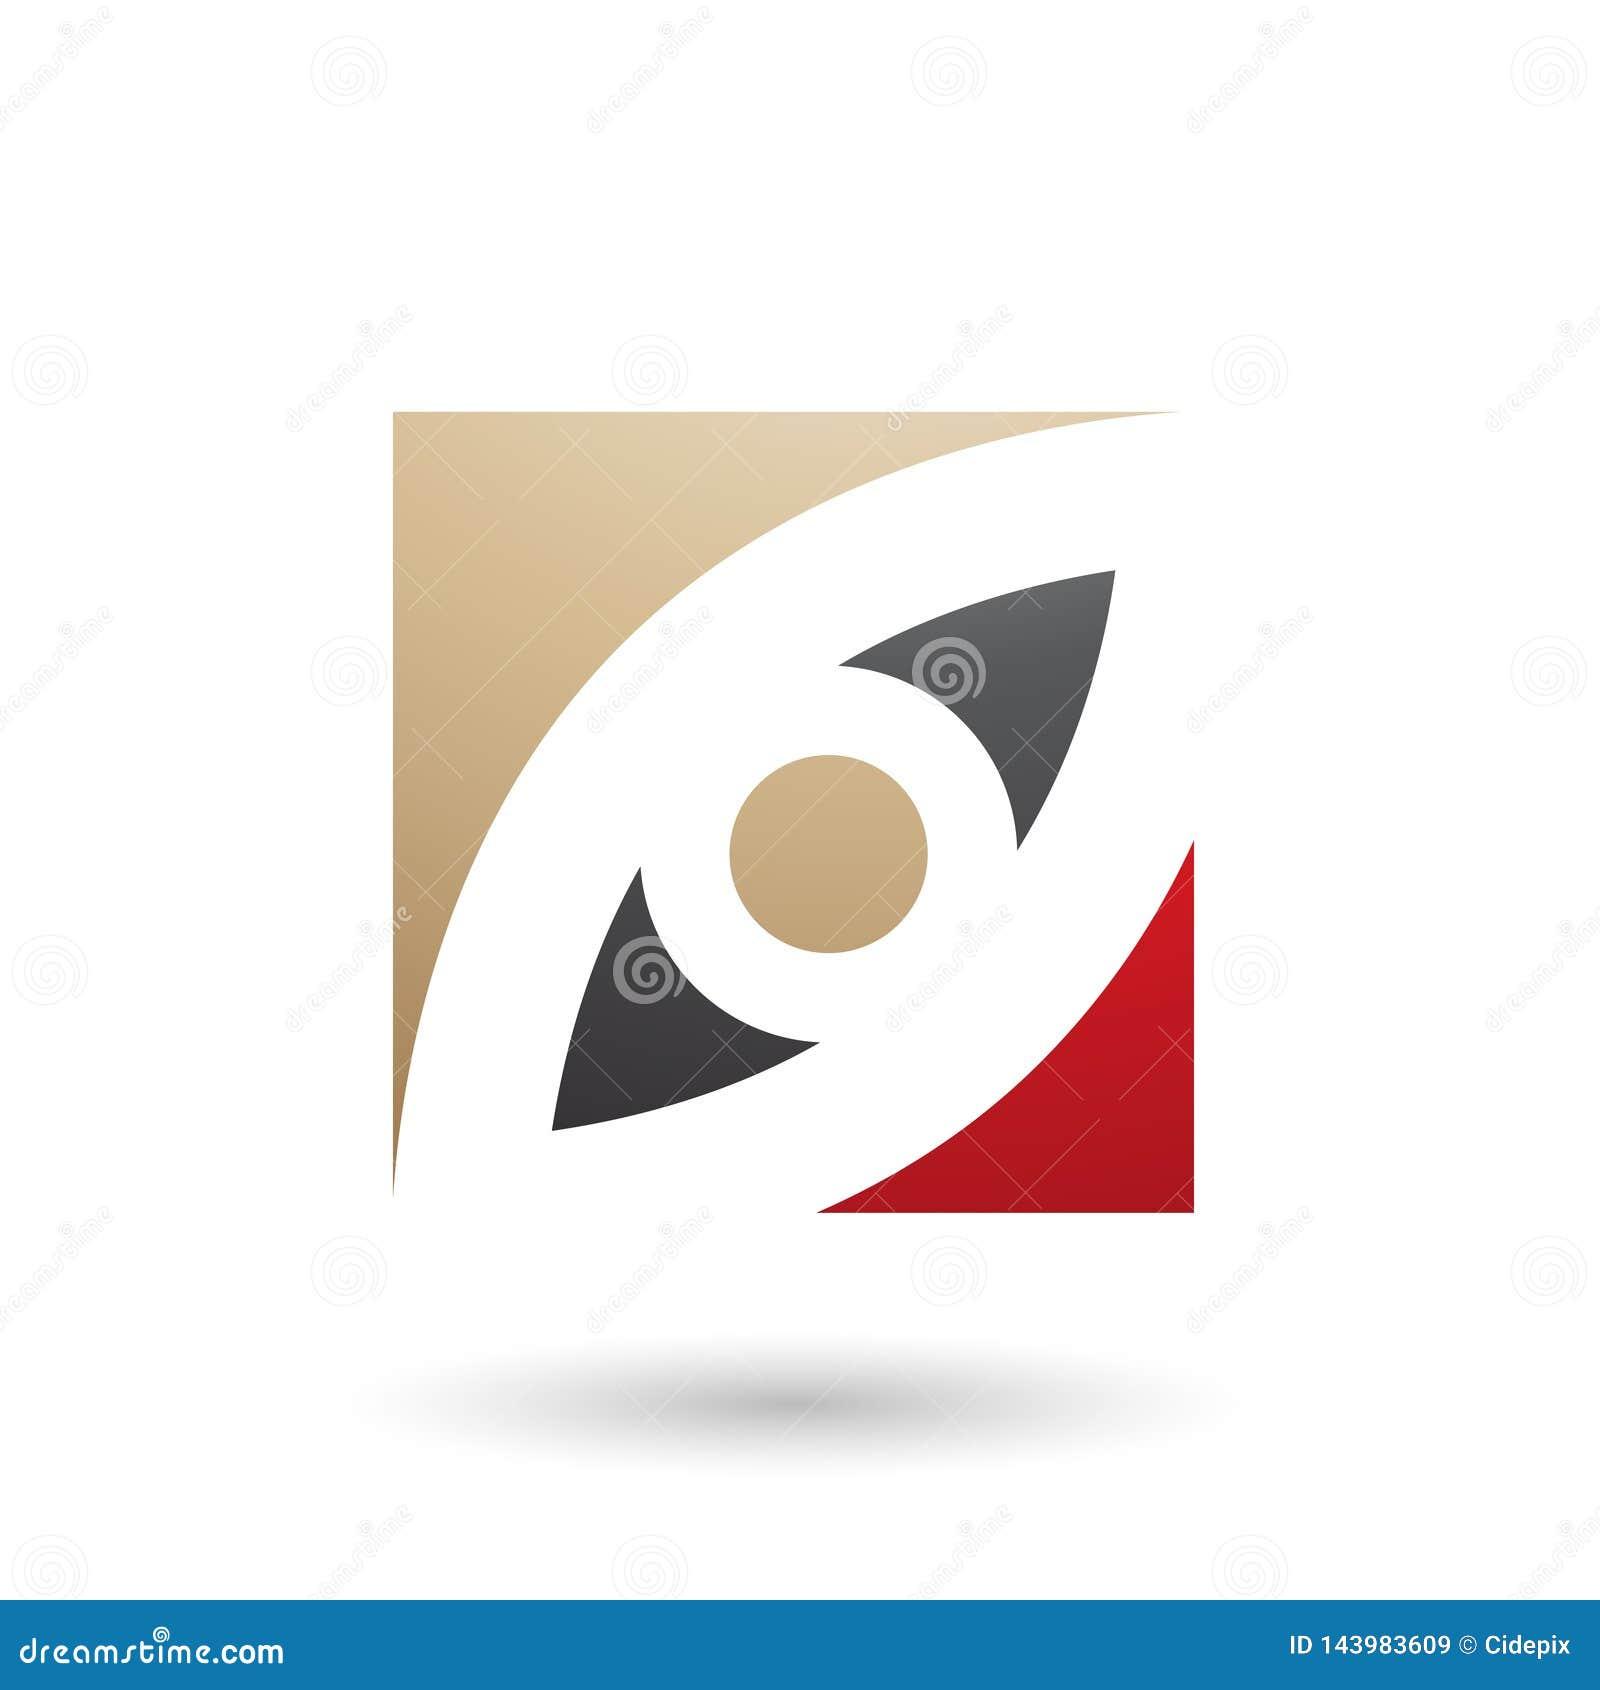 Το μπεζ μαύρο και κόκκινο μάτι διαμόρφωσε την τετραγωνική διανυσματική απεικόνιση